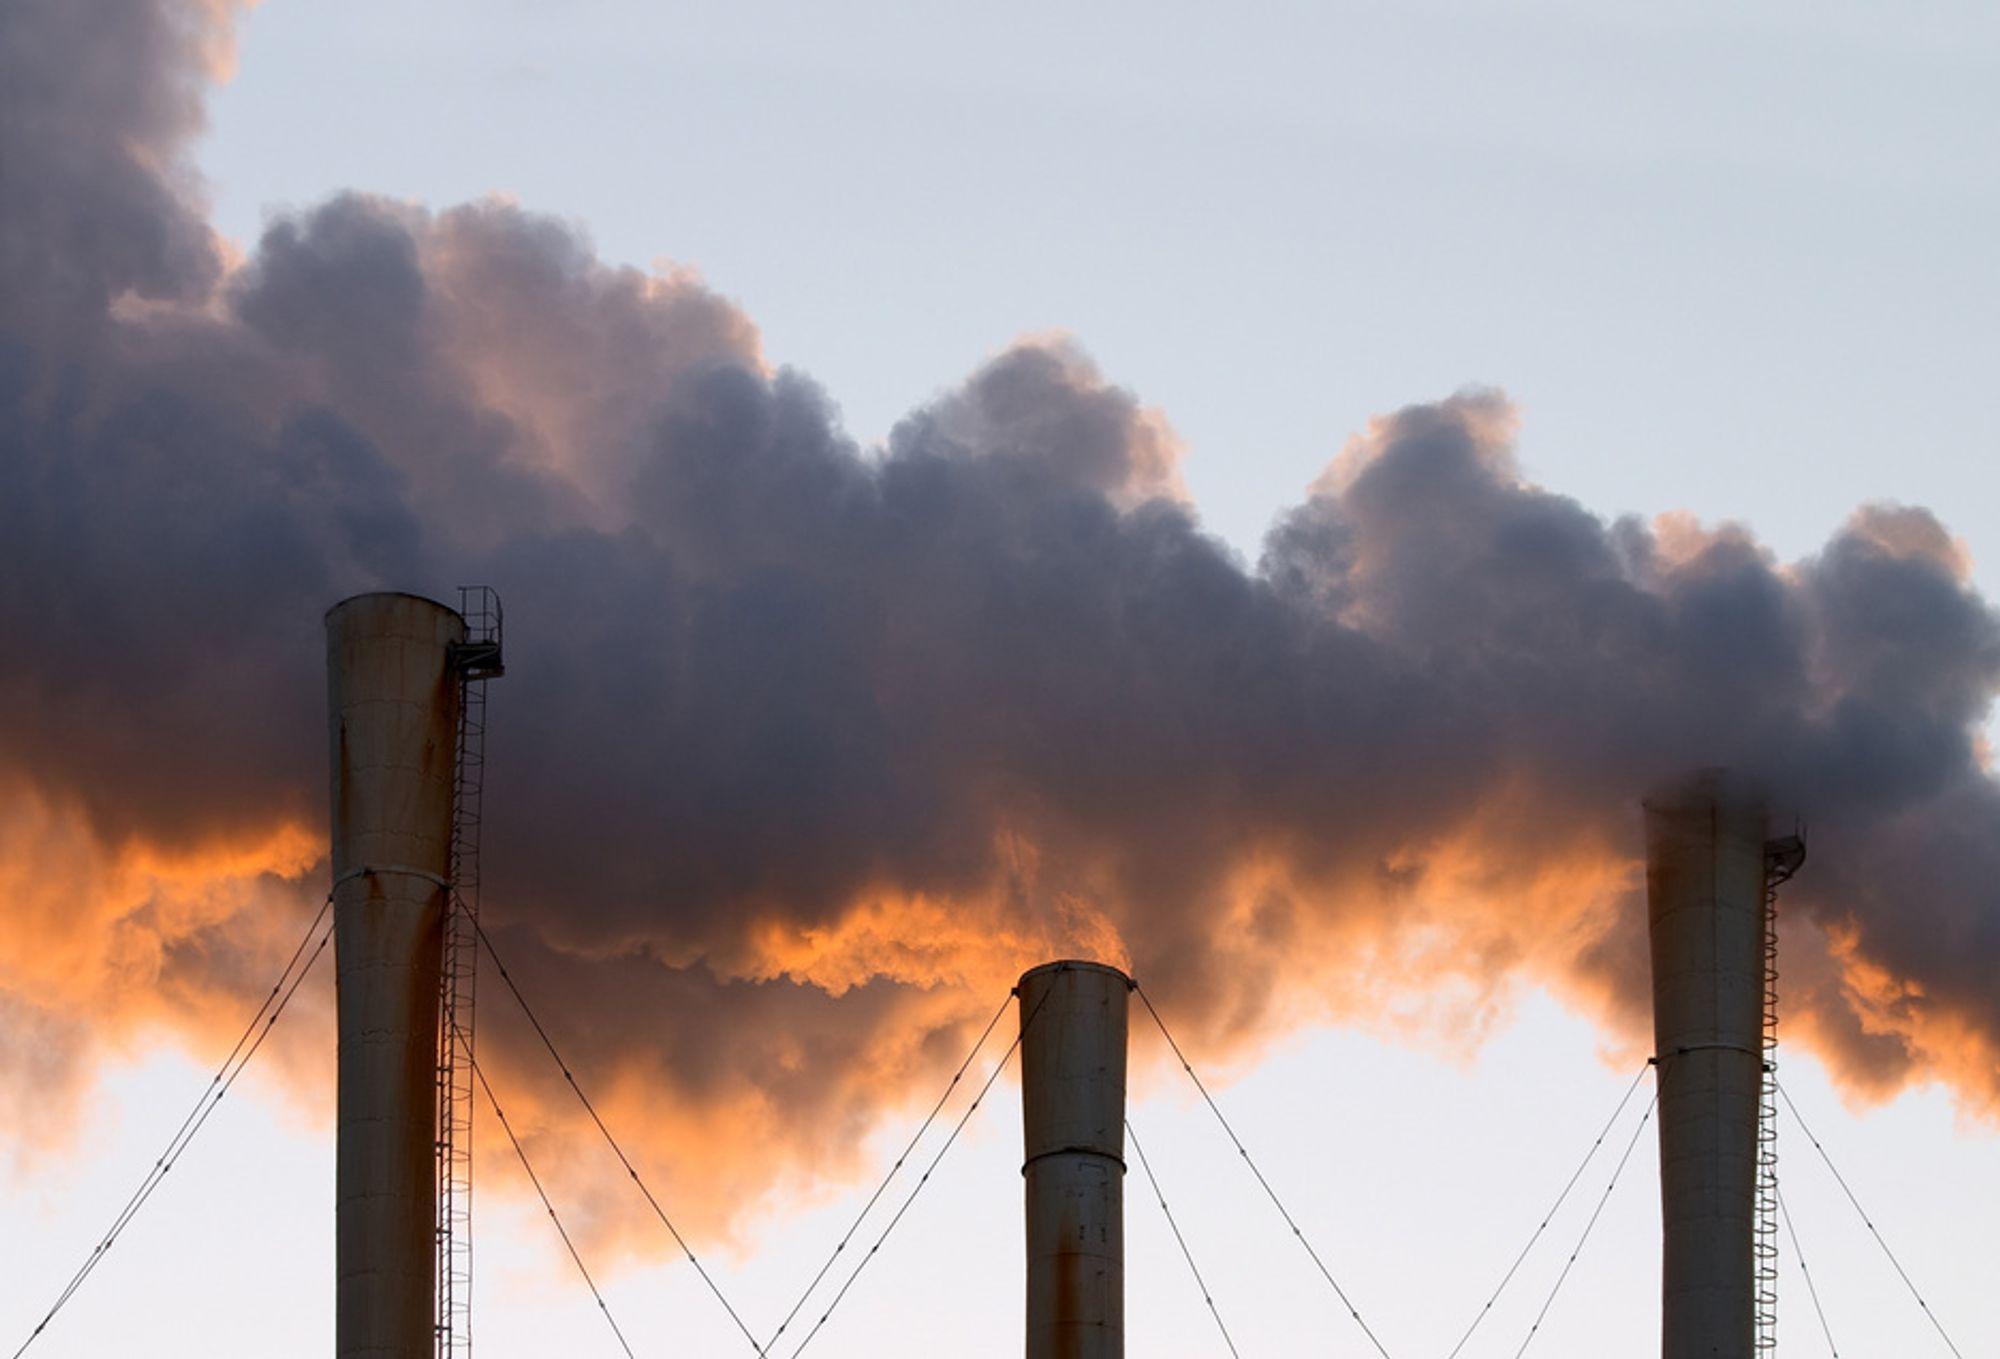 De siste årene har utslippene av miljøgifter vært stabile, mens klimagassutslippene stadig når rekordnivåer.